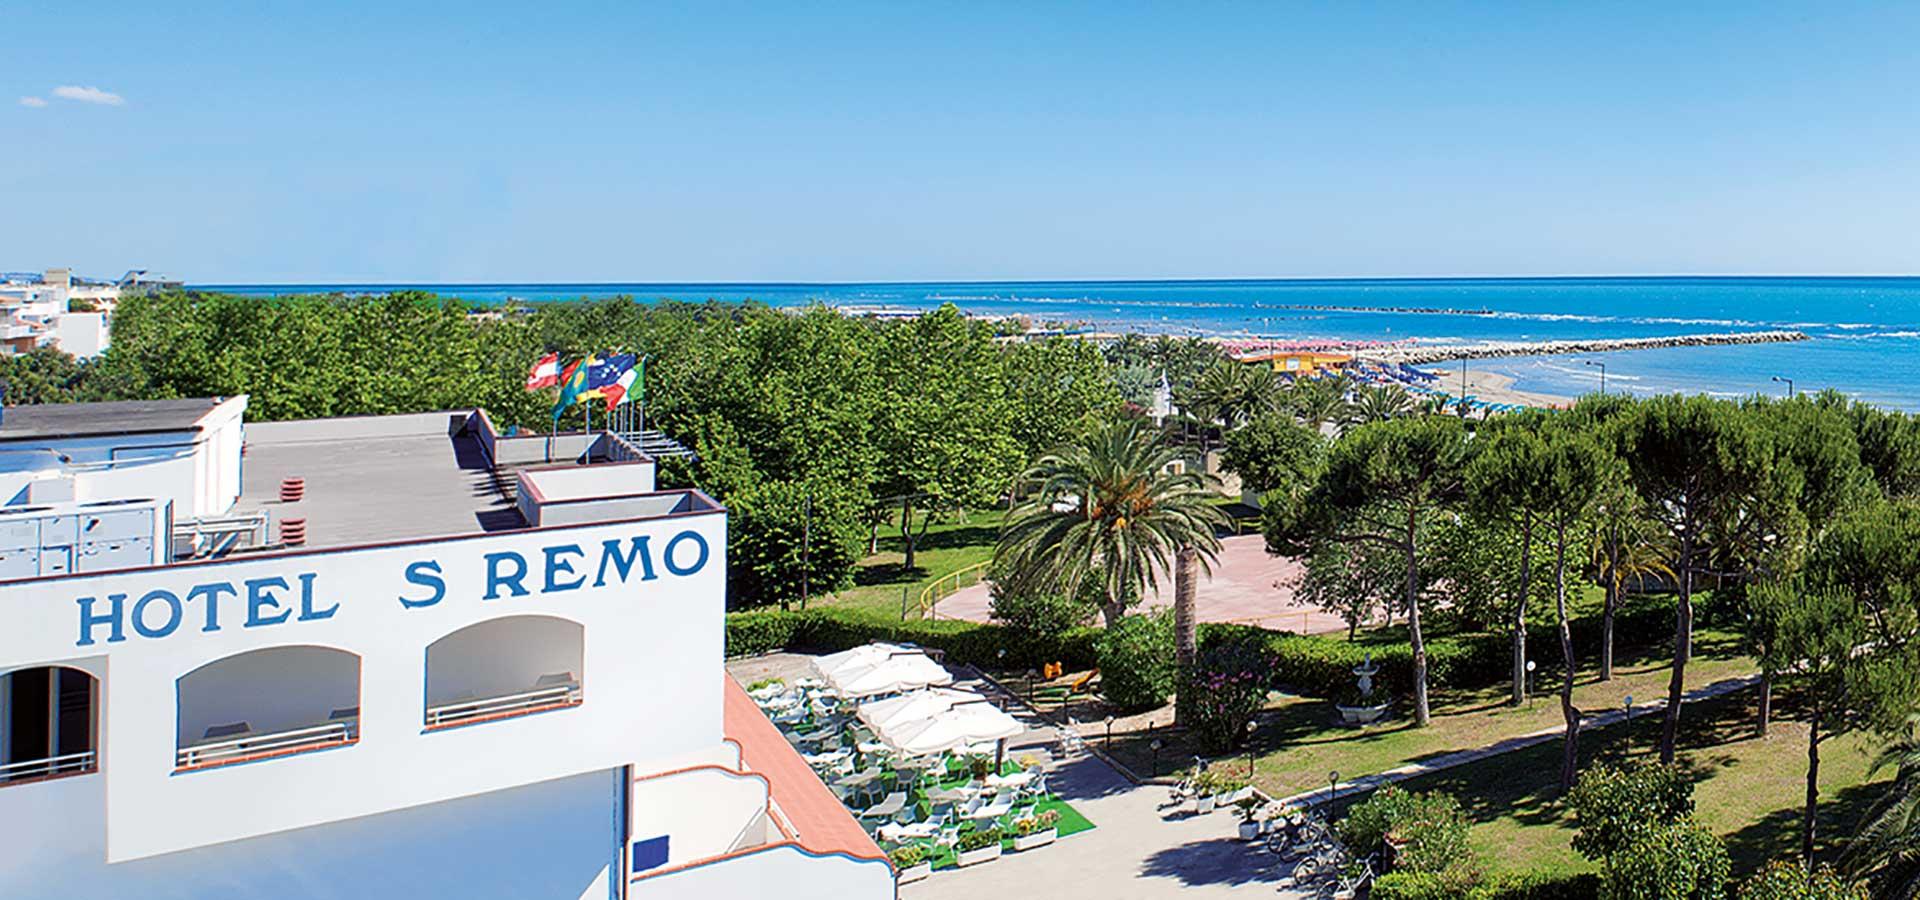 Hotel San Remo - Benvenuti <br/>all&#8217;Hotel San Remo